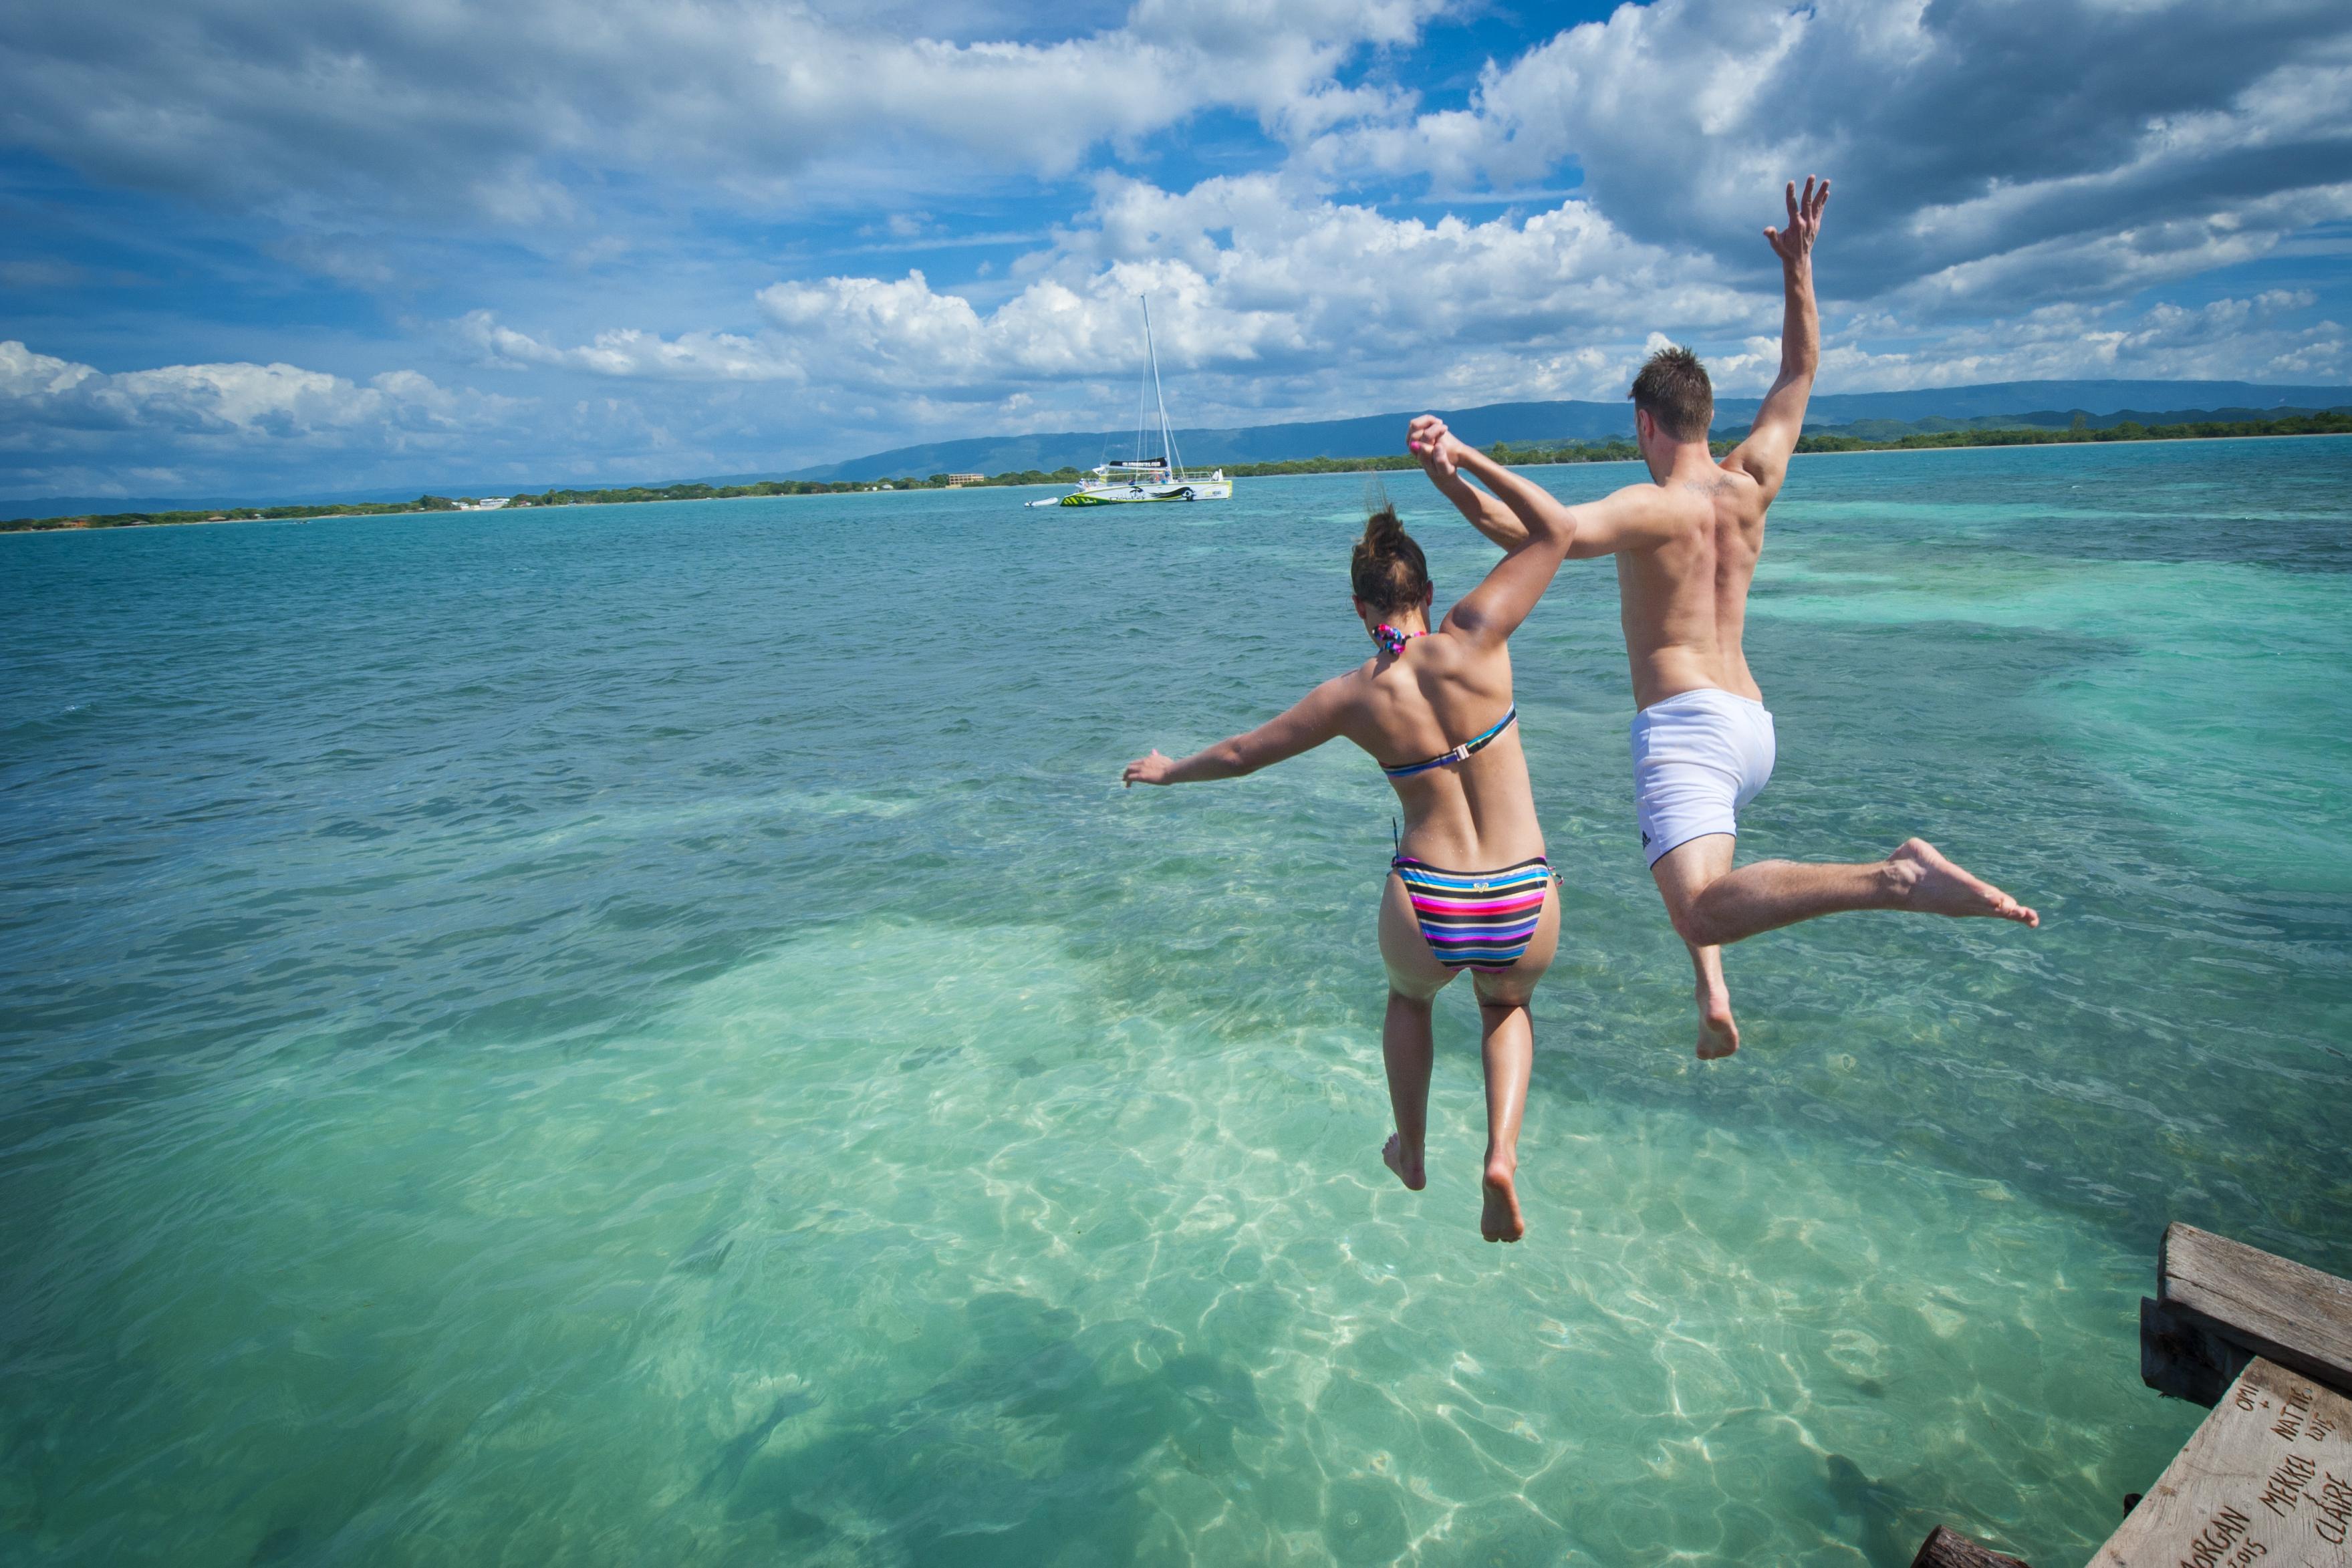 Why visit Jamaica? - Visit Jamaica